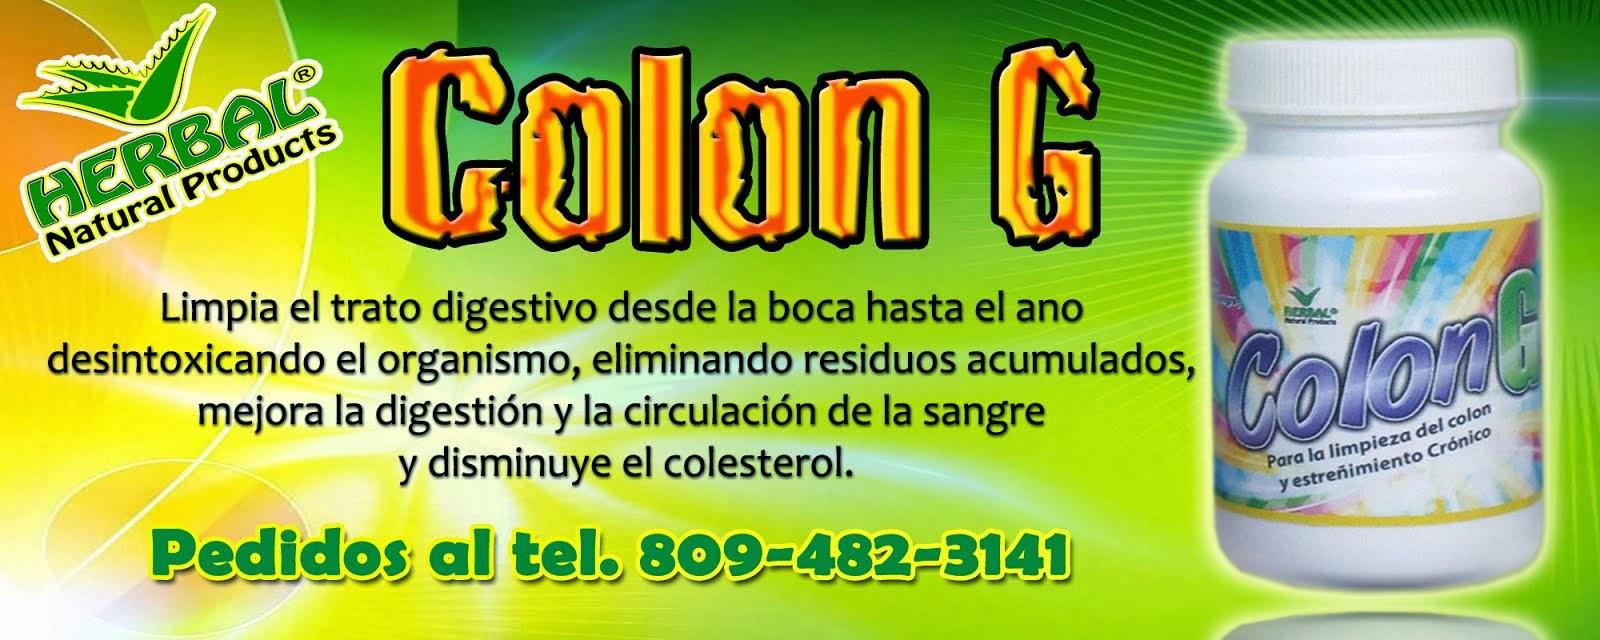 Colon G